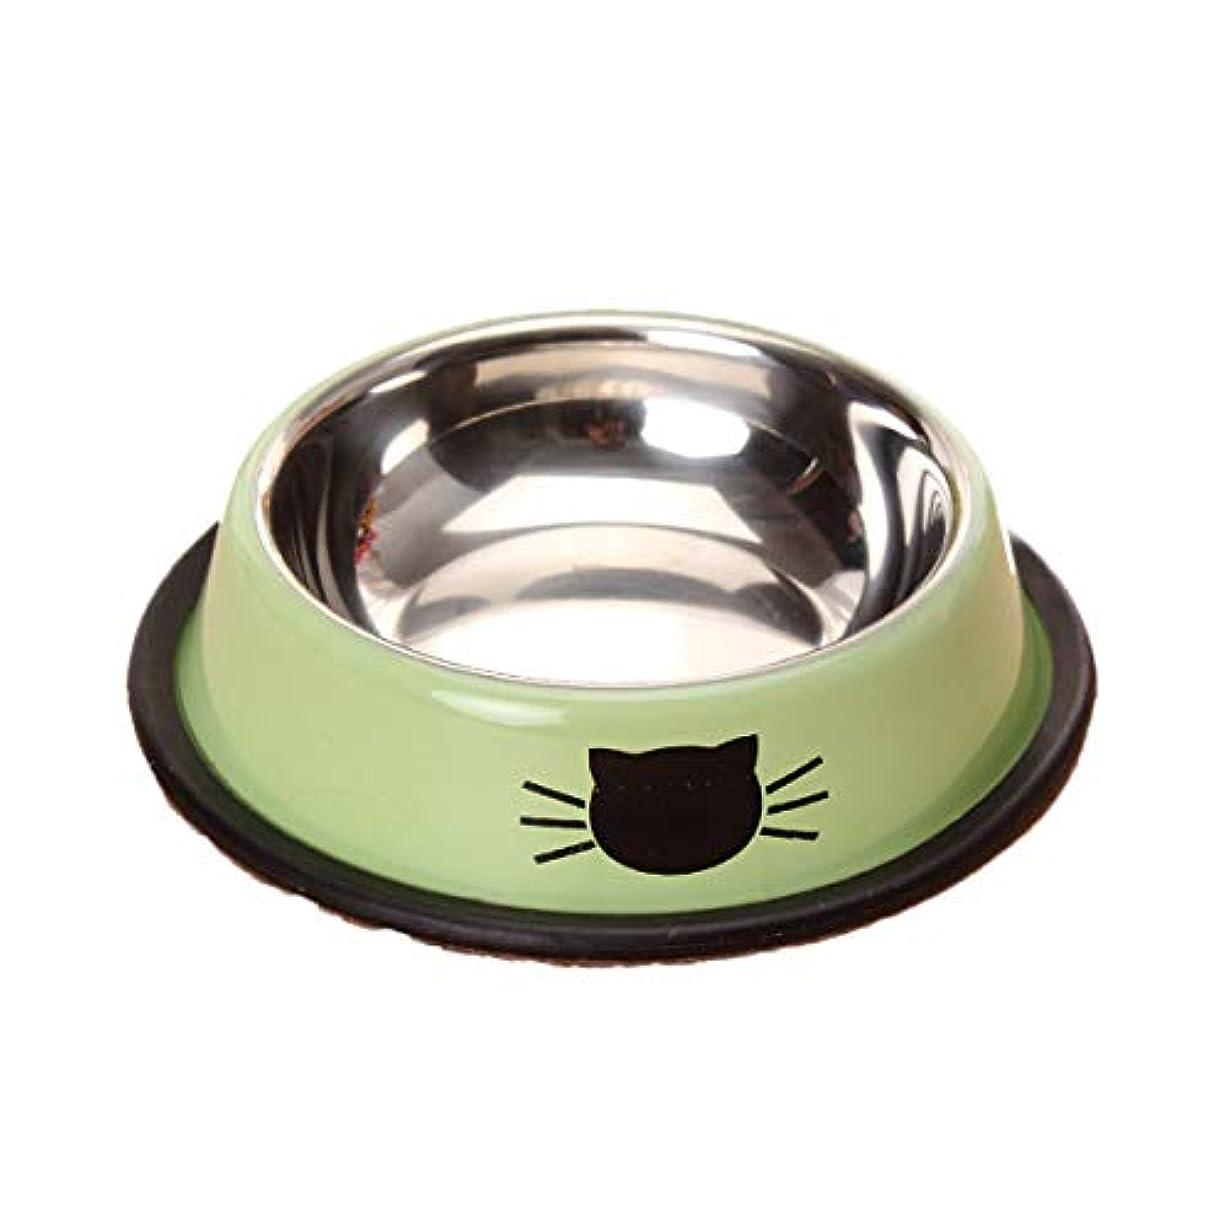 Xian ドッグボウル、ステンレススチールペットボウル、厚く滑り止め猫ボウル、ドッグボウルペットフードボウル、キャットパピーシングルボウル食器ライスボウル、グリーン、オレンジ、2色 Easy to Clean Non-Skid Bowls for Dogs (Color : Green)